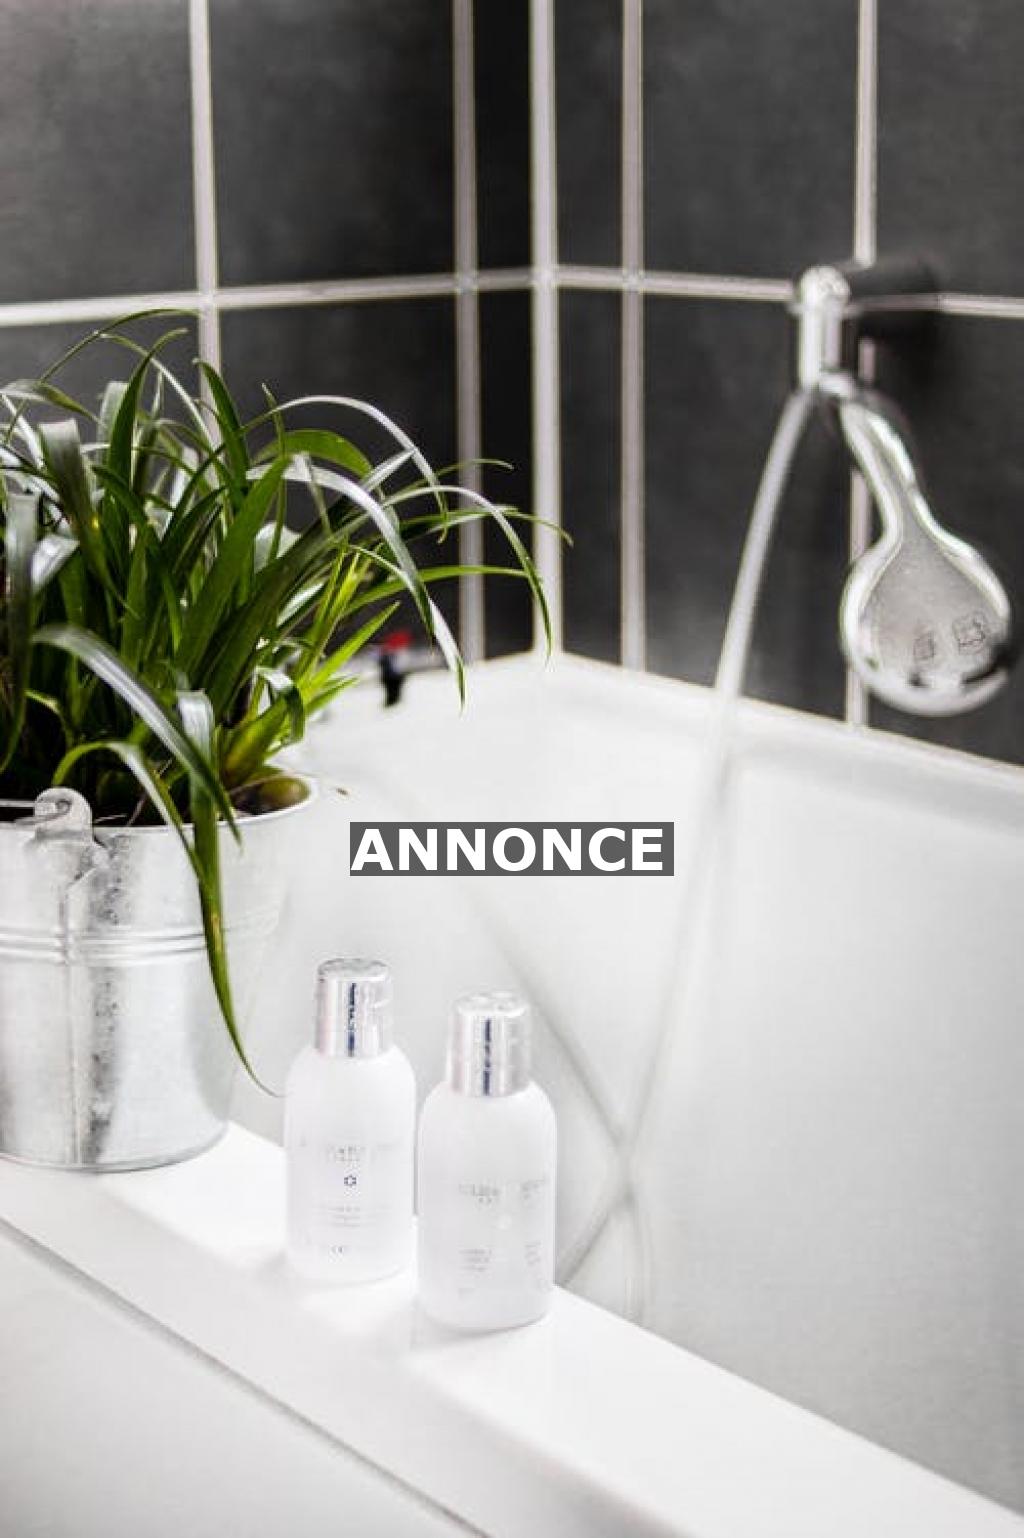 Ønsker du dig et nyt badeværelse? Dette skal du overveje